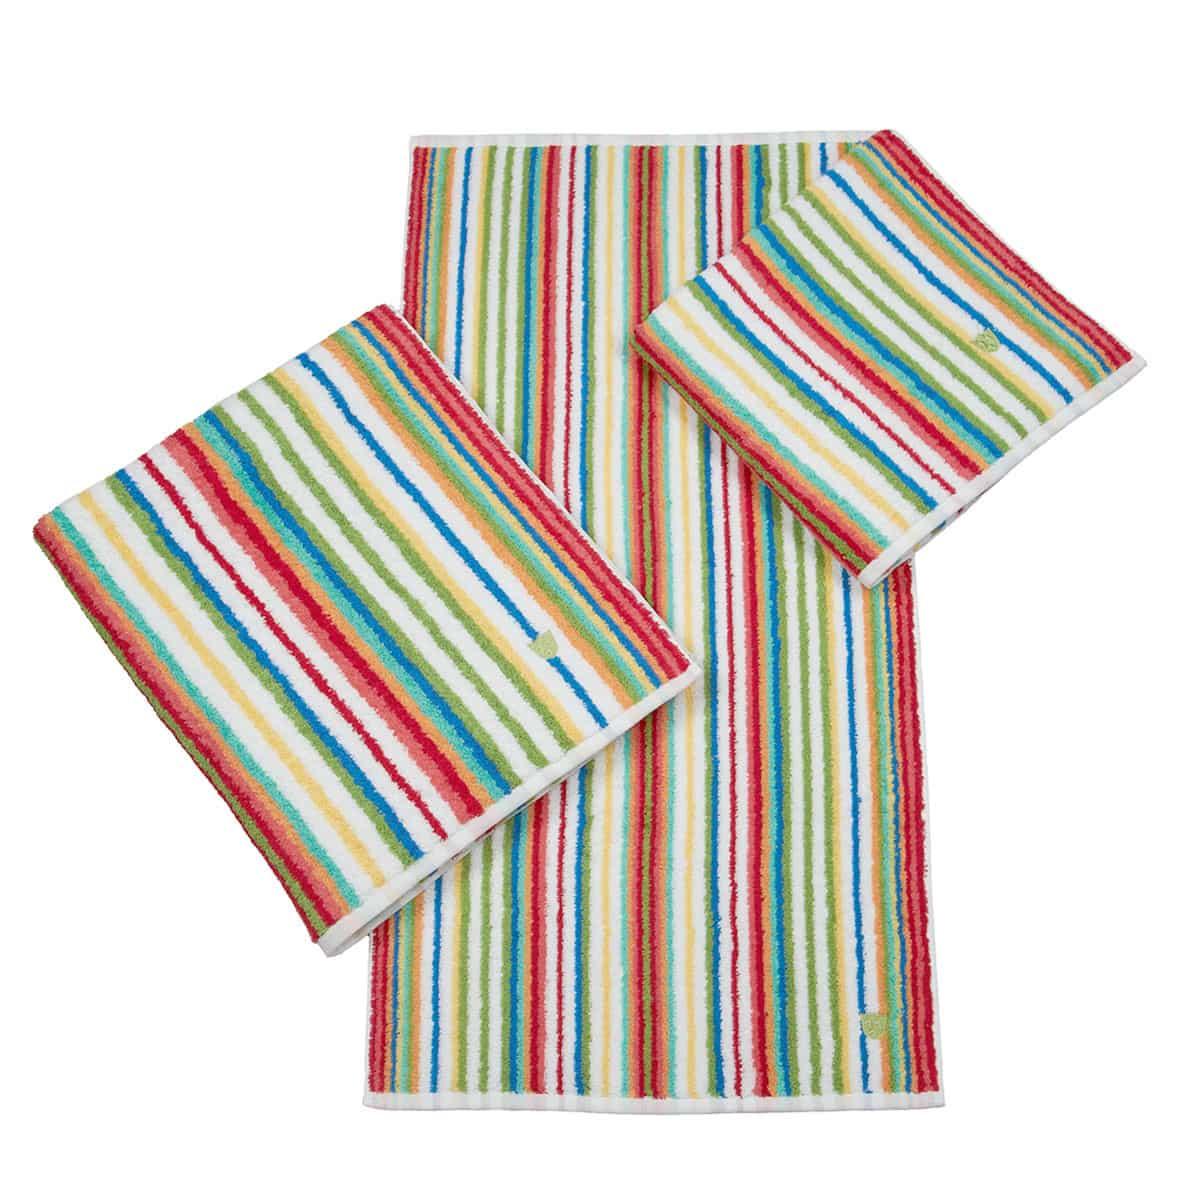 Ross Handtücher Multicolor-Streifen rot